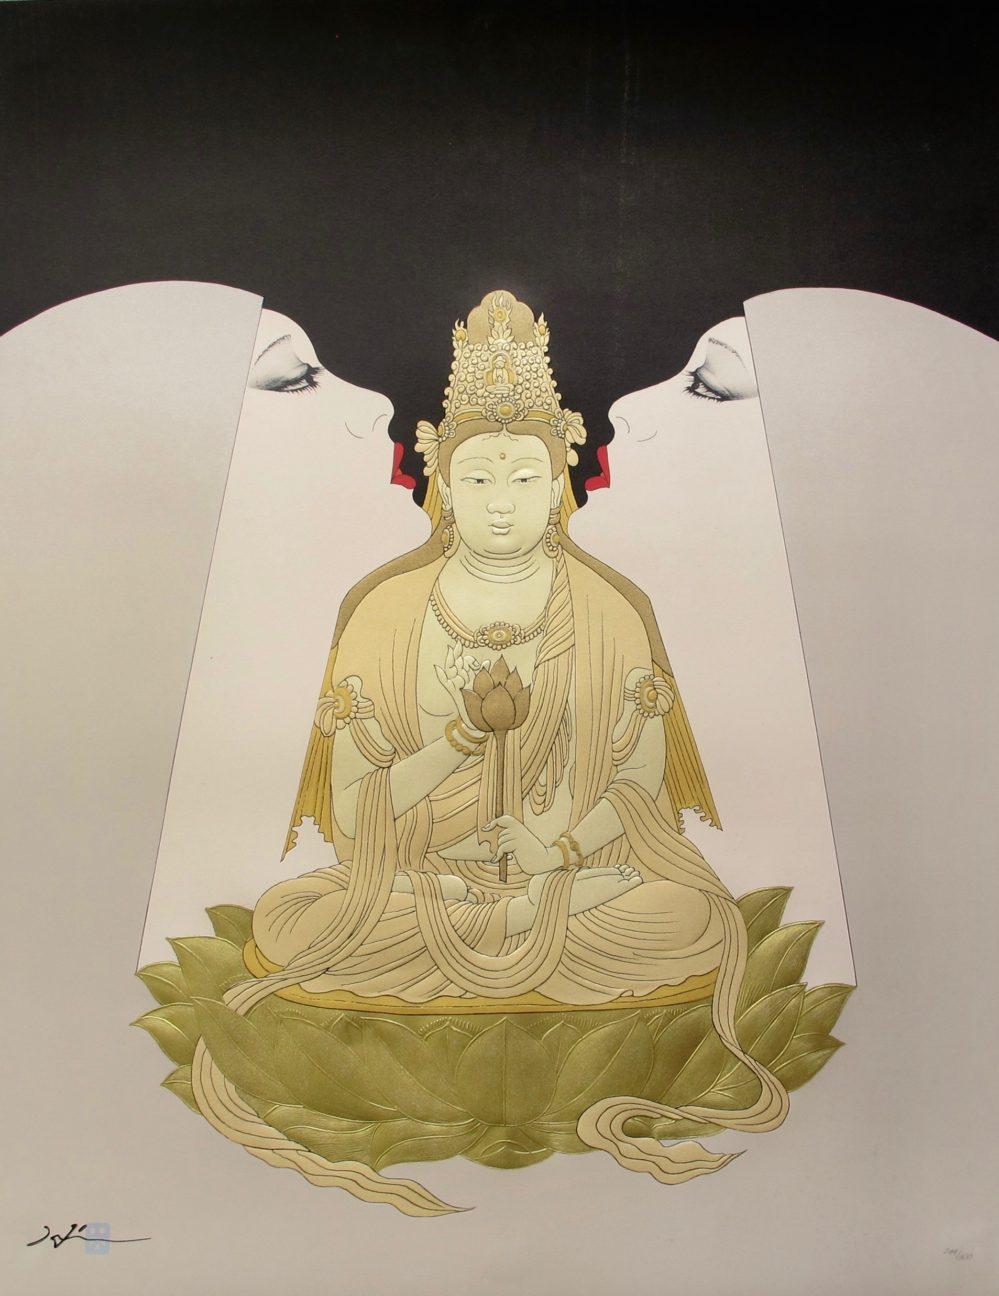 Hisashi Otsuka HARMONY Hand Signed Limited Edition Art Pearl & Gold Leaf BUDDHA